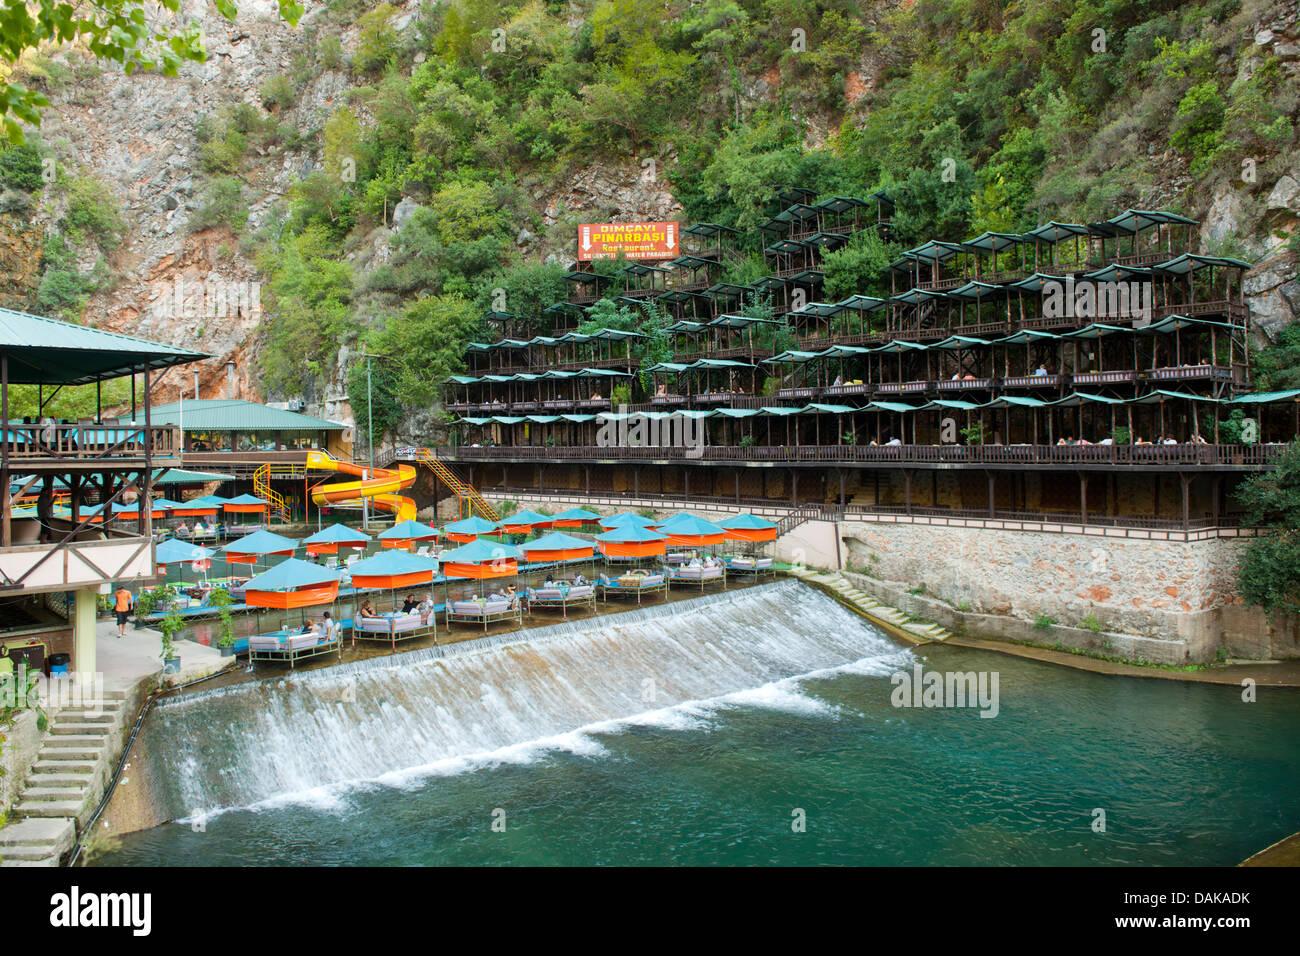 Türkei, Provinz Antalya, Alanya, Restaurant am Dimcay im Taurusgebirge nördlich von Alanya - Stock Image